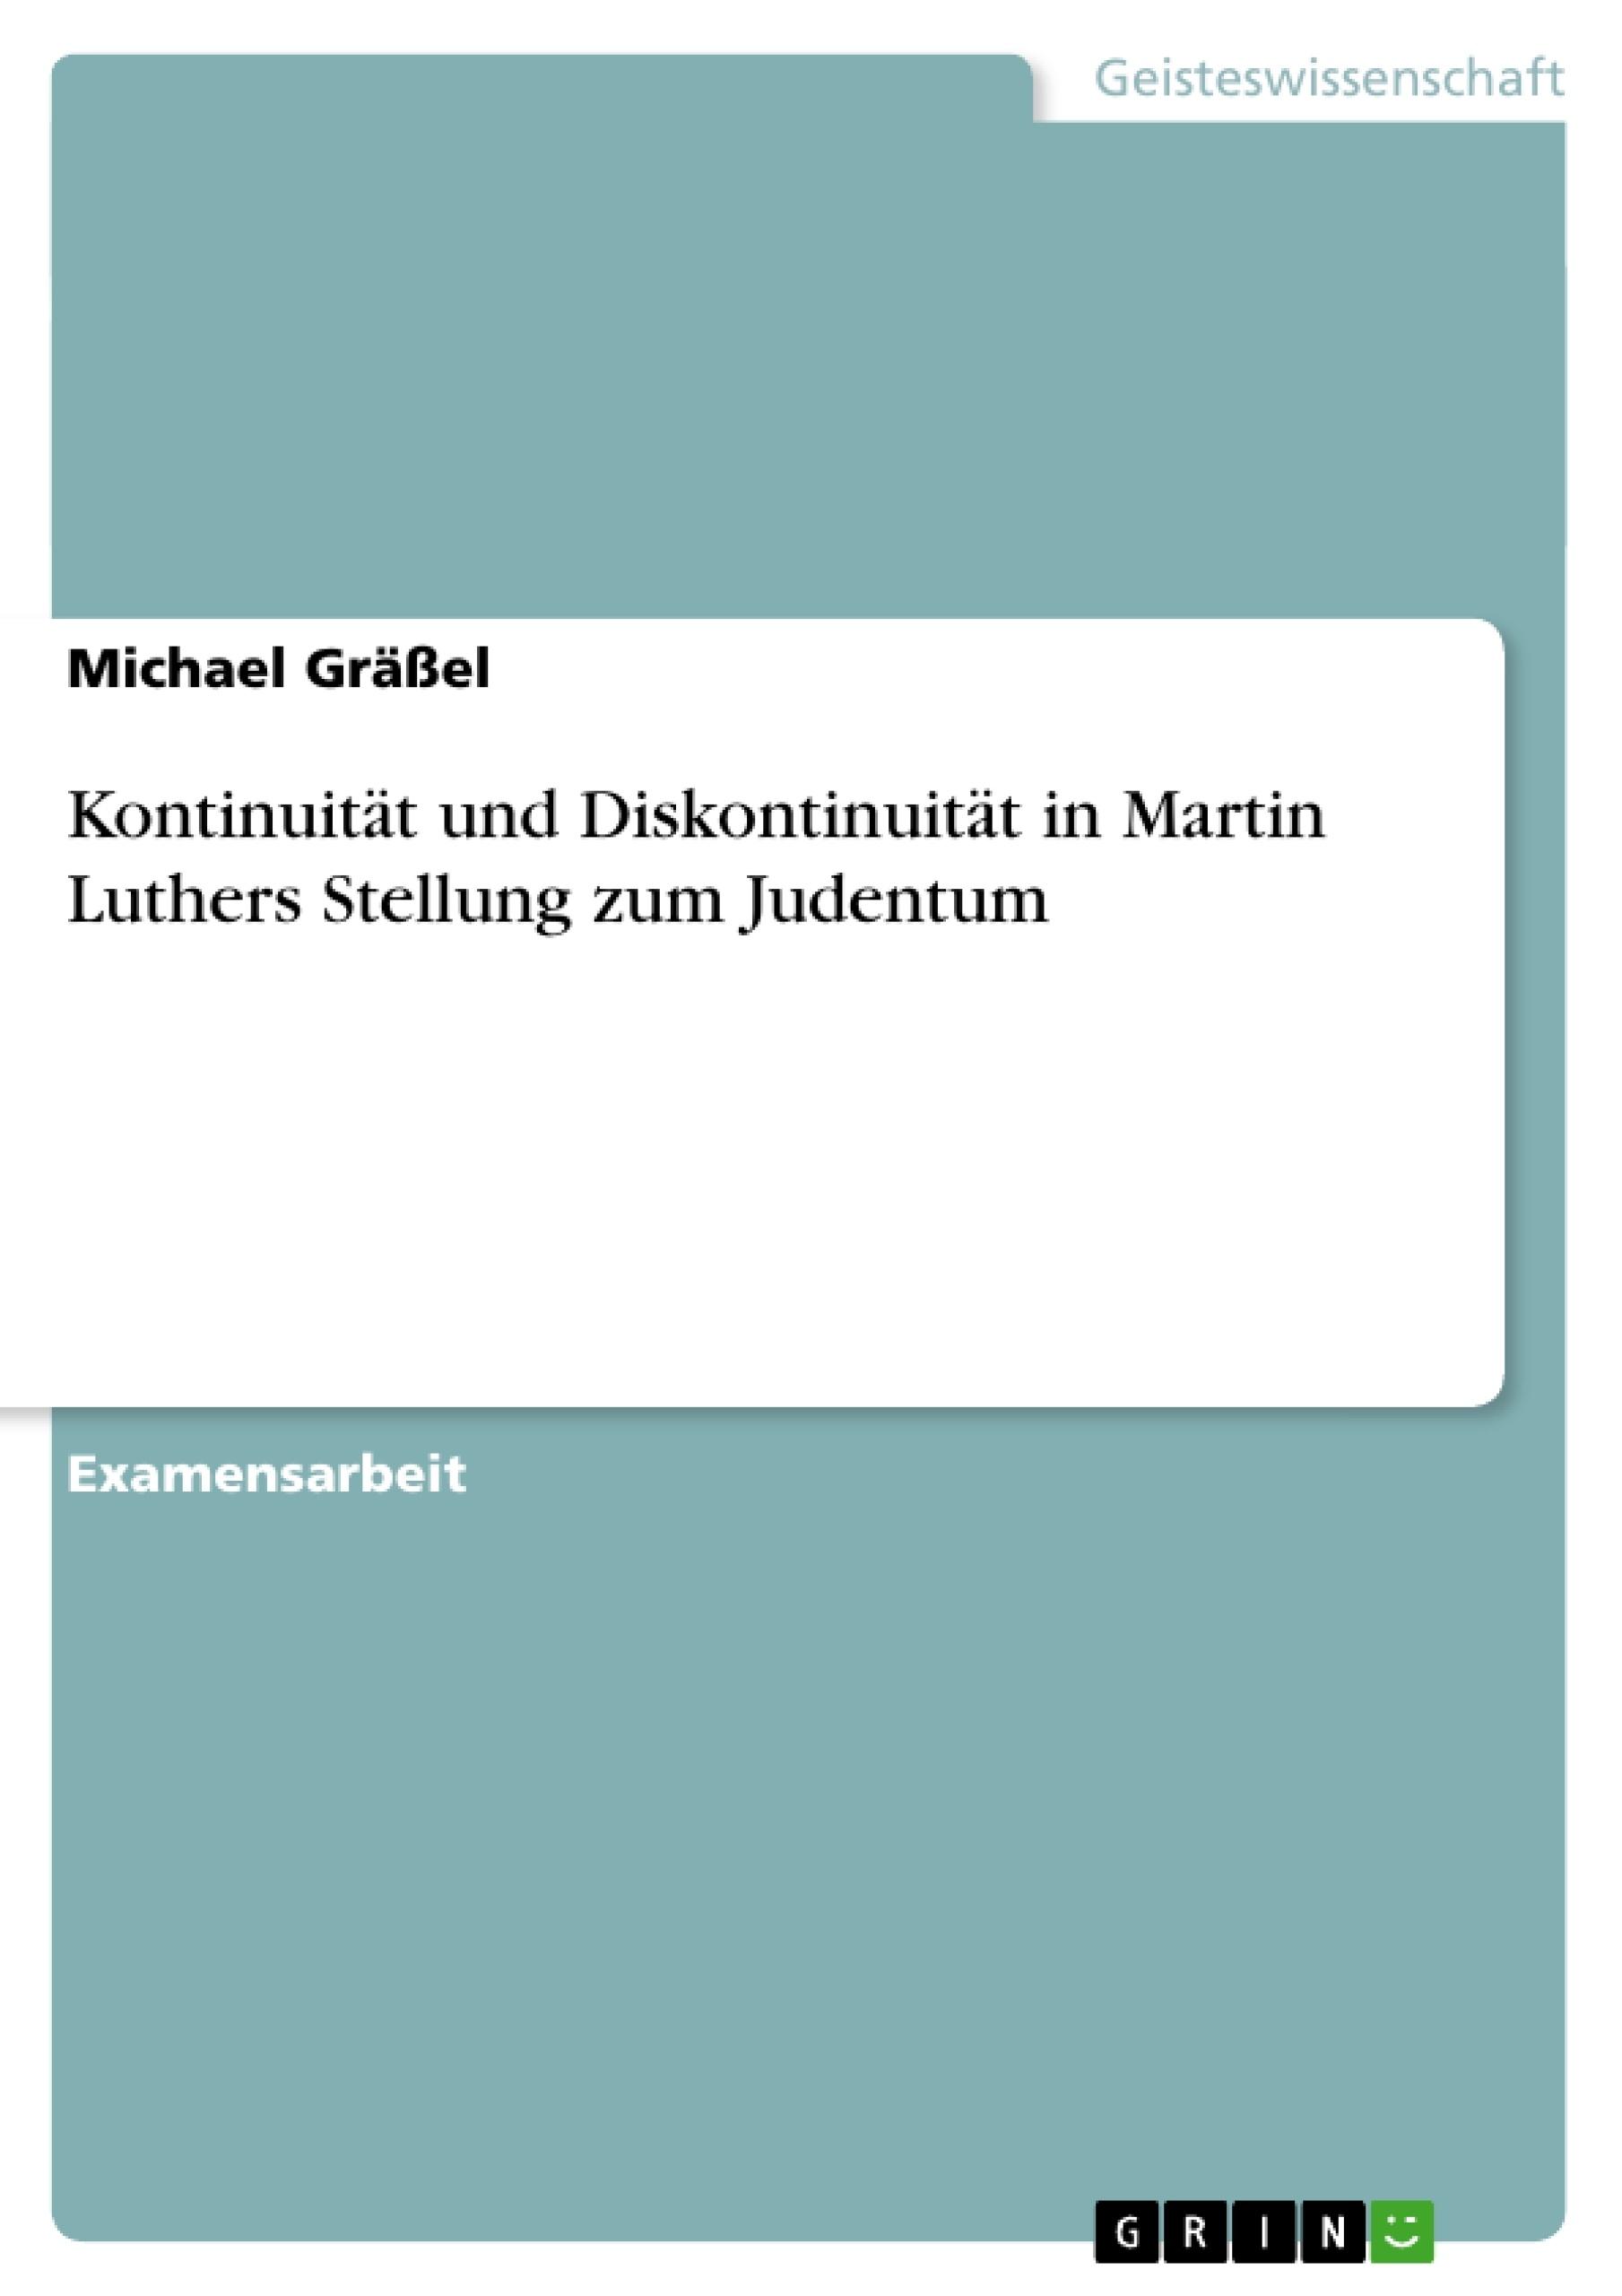 Titel: Kontinuität und Diskontinuität in Martin Luthers Stellung zum Judentum